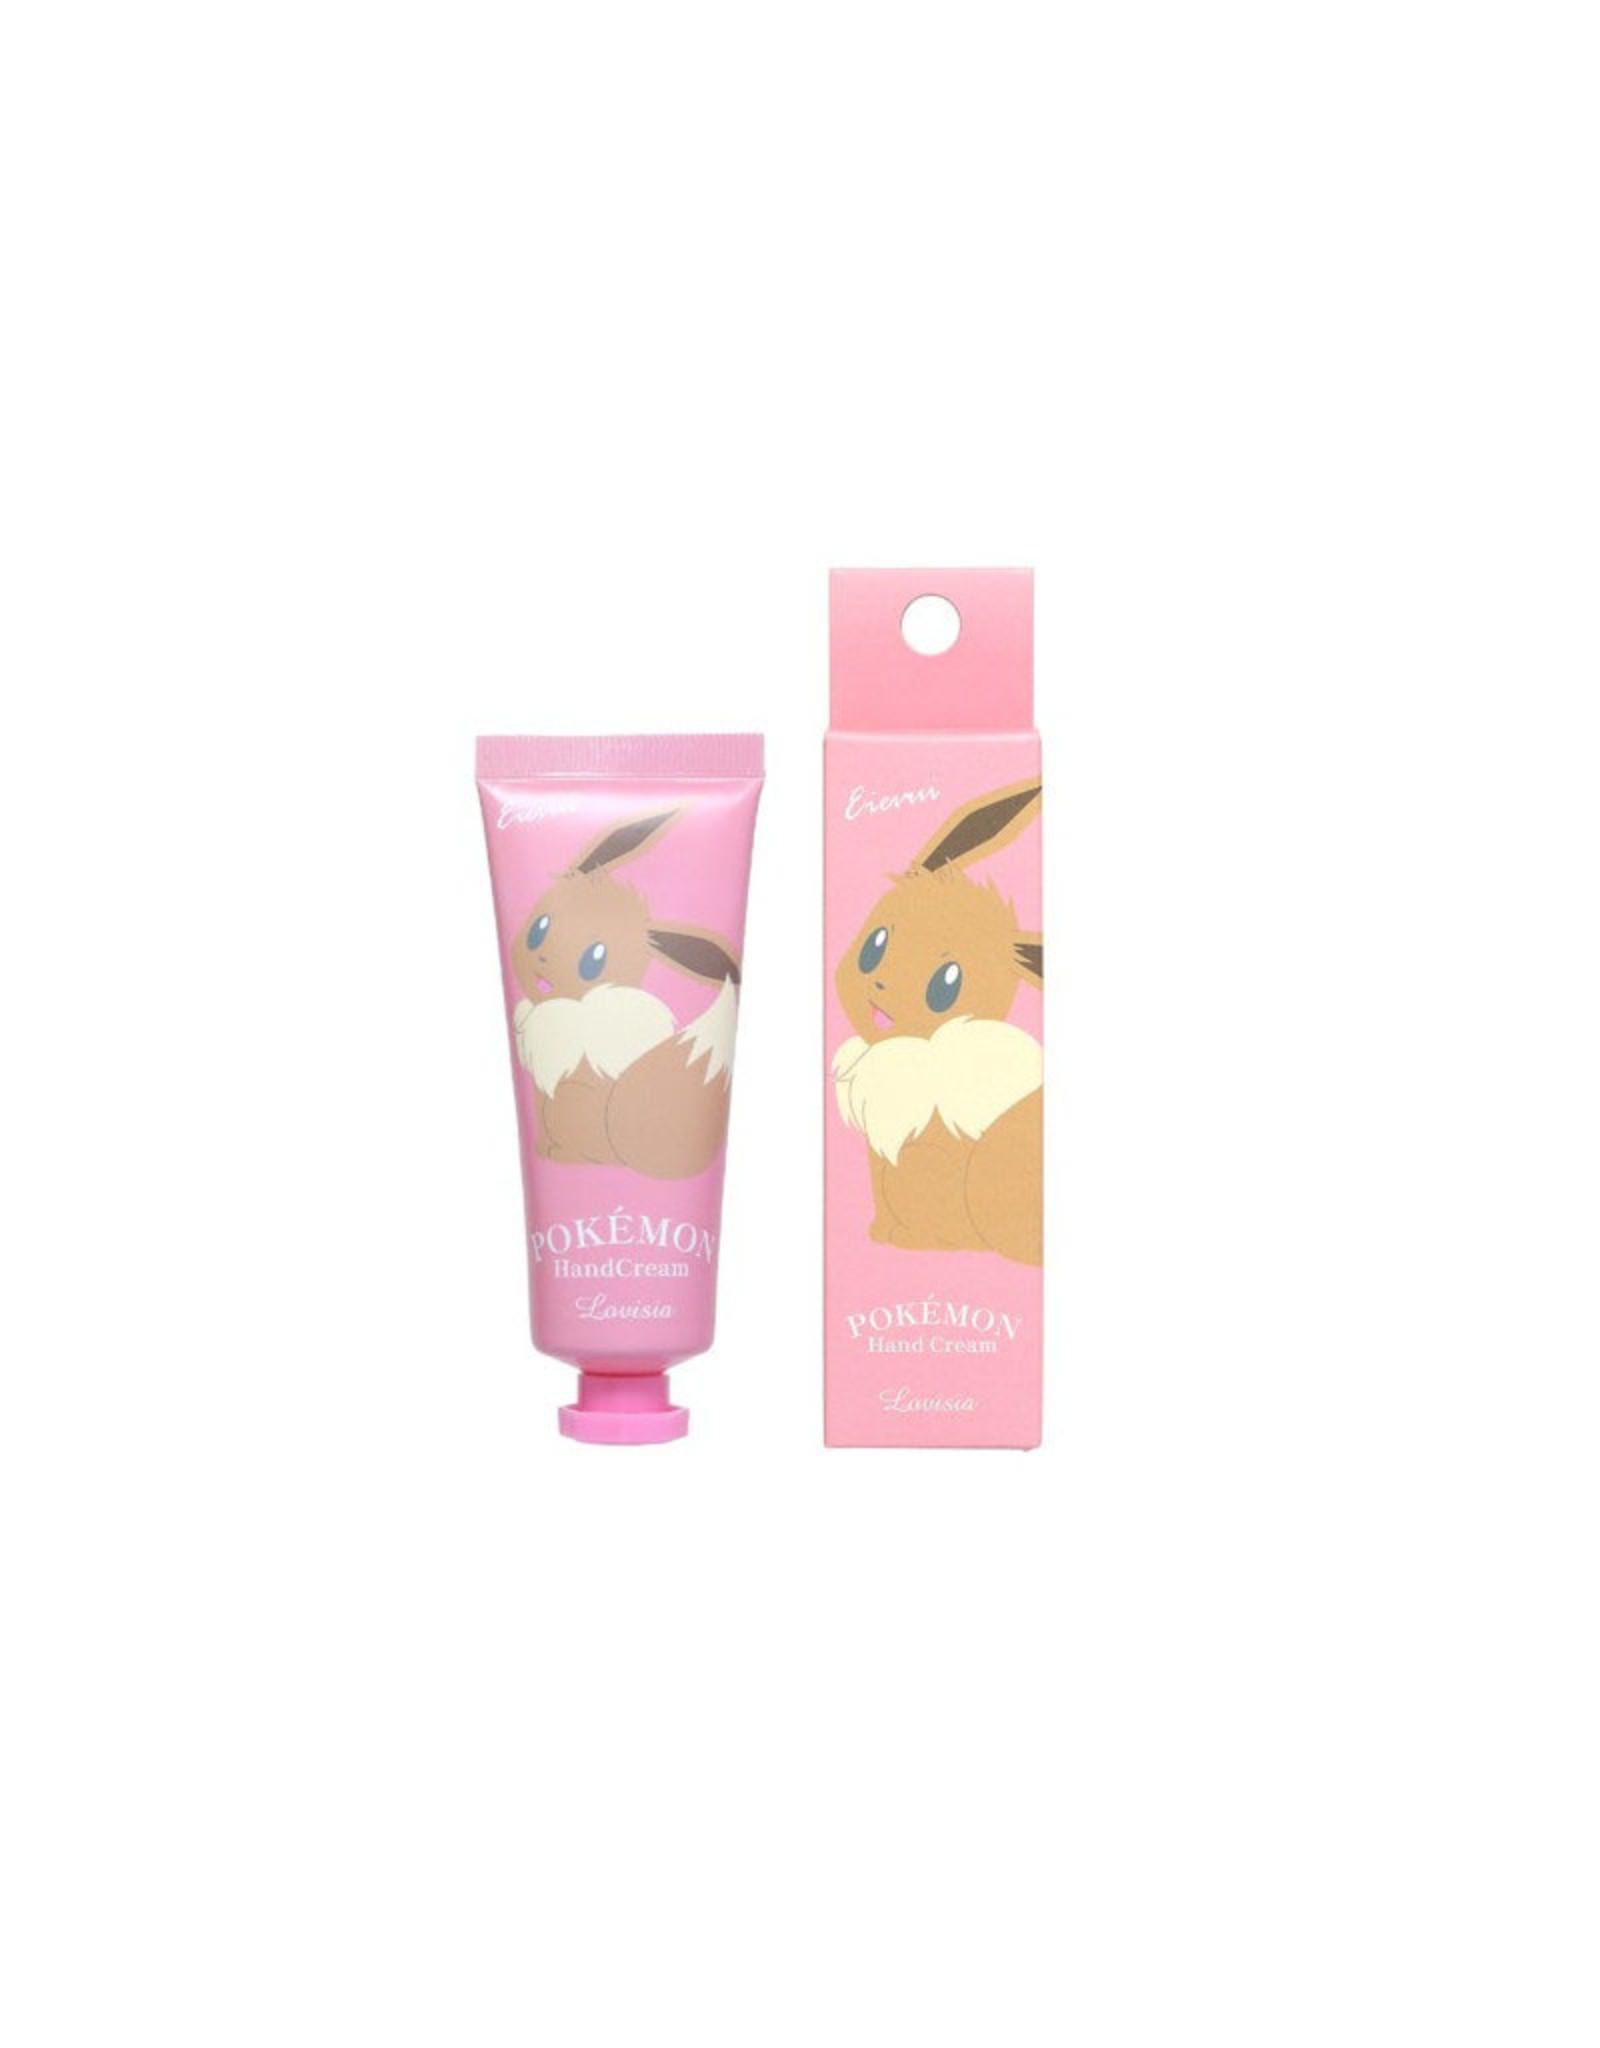 Pokemon Hand Cream